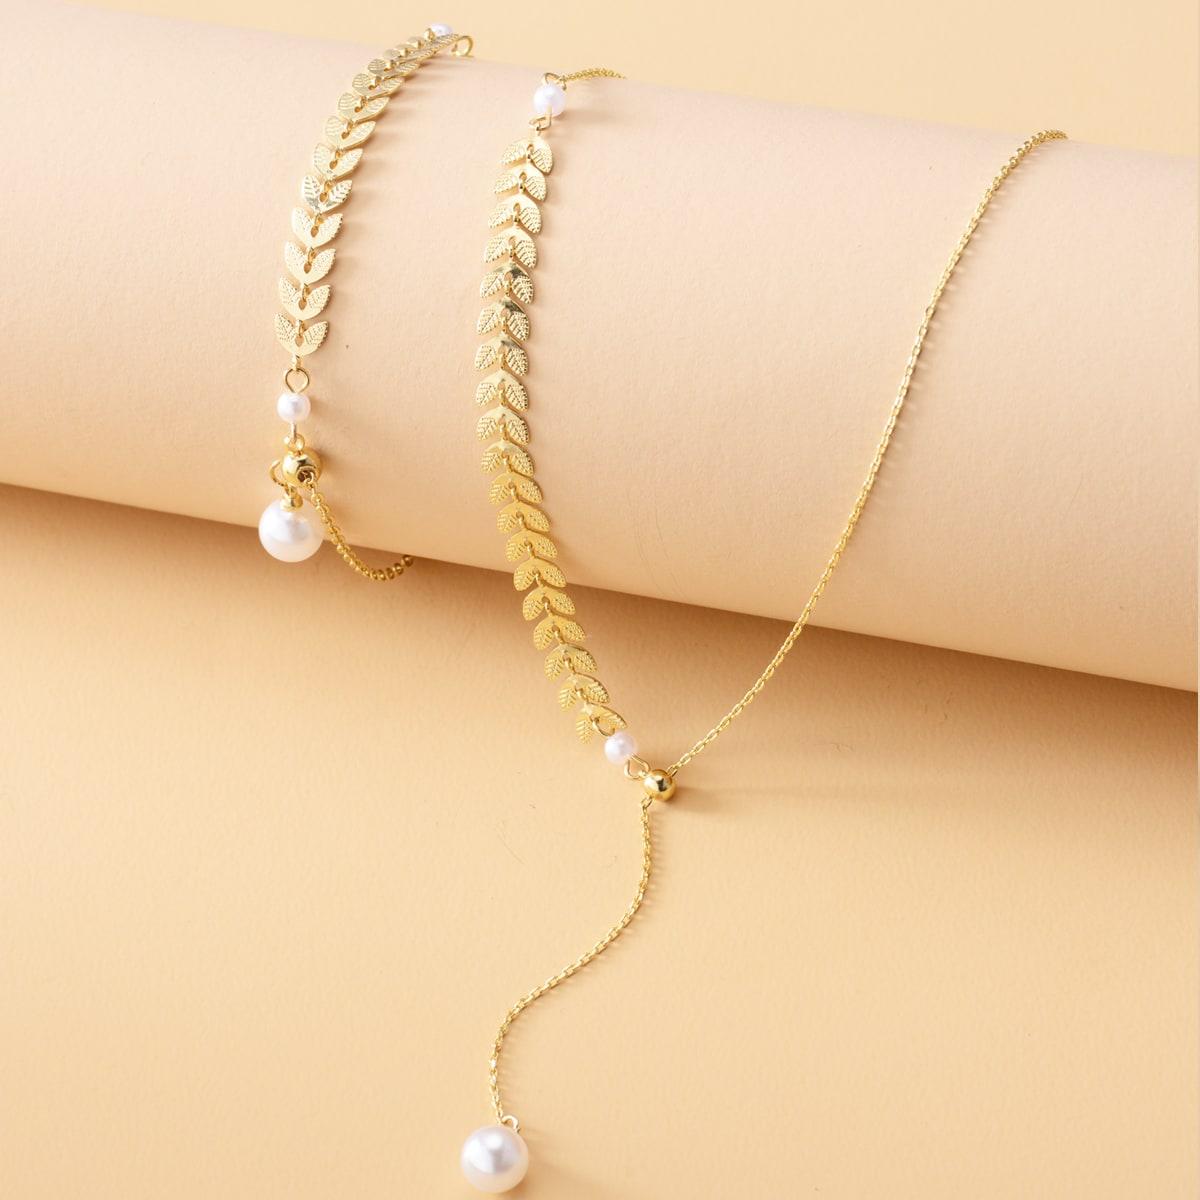 2 Stücke Halskette mit Kunstperlen Dekor & Armband